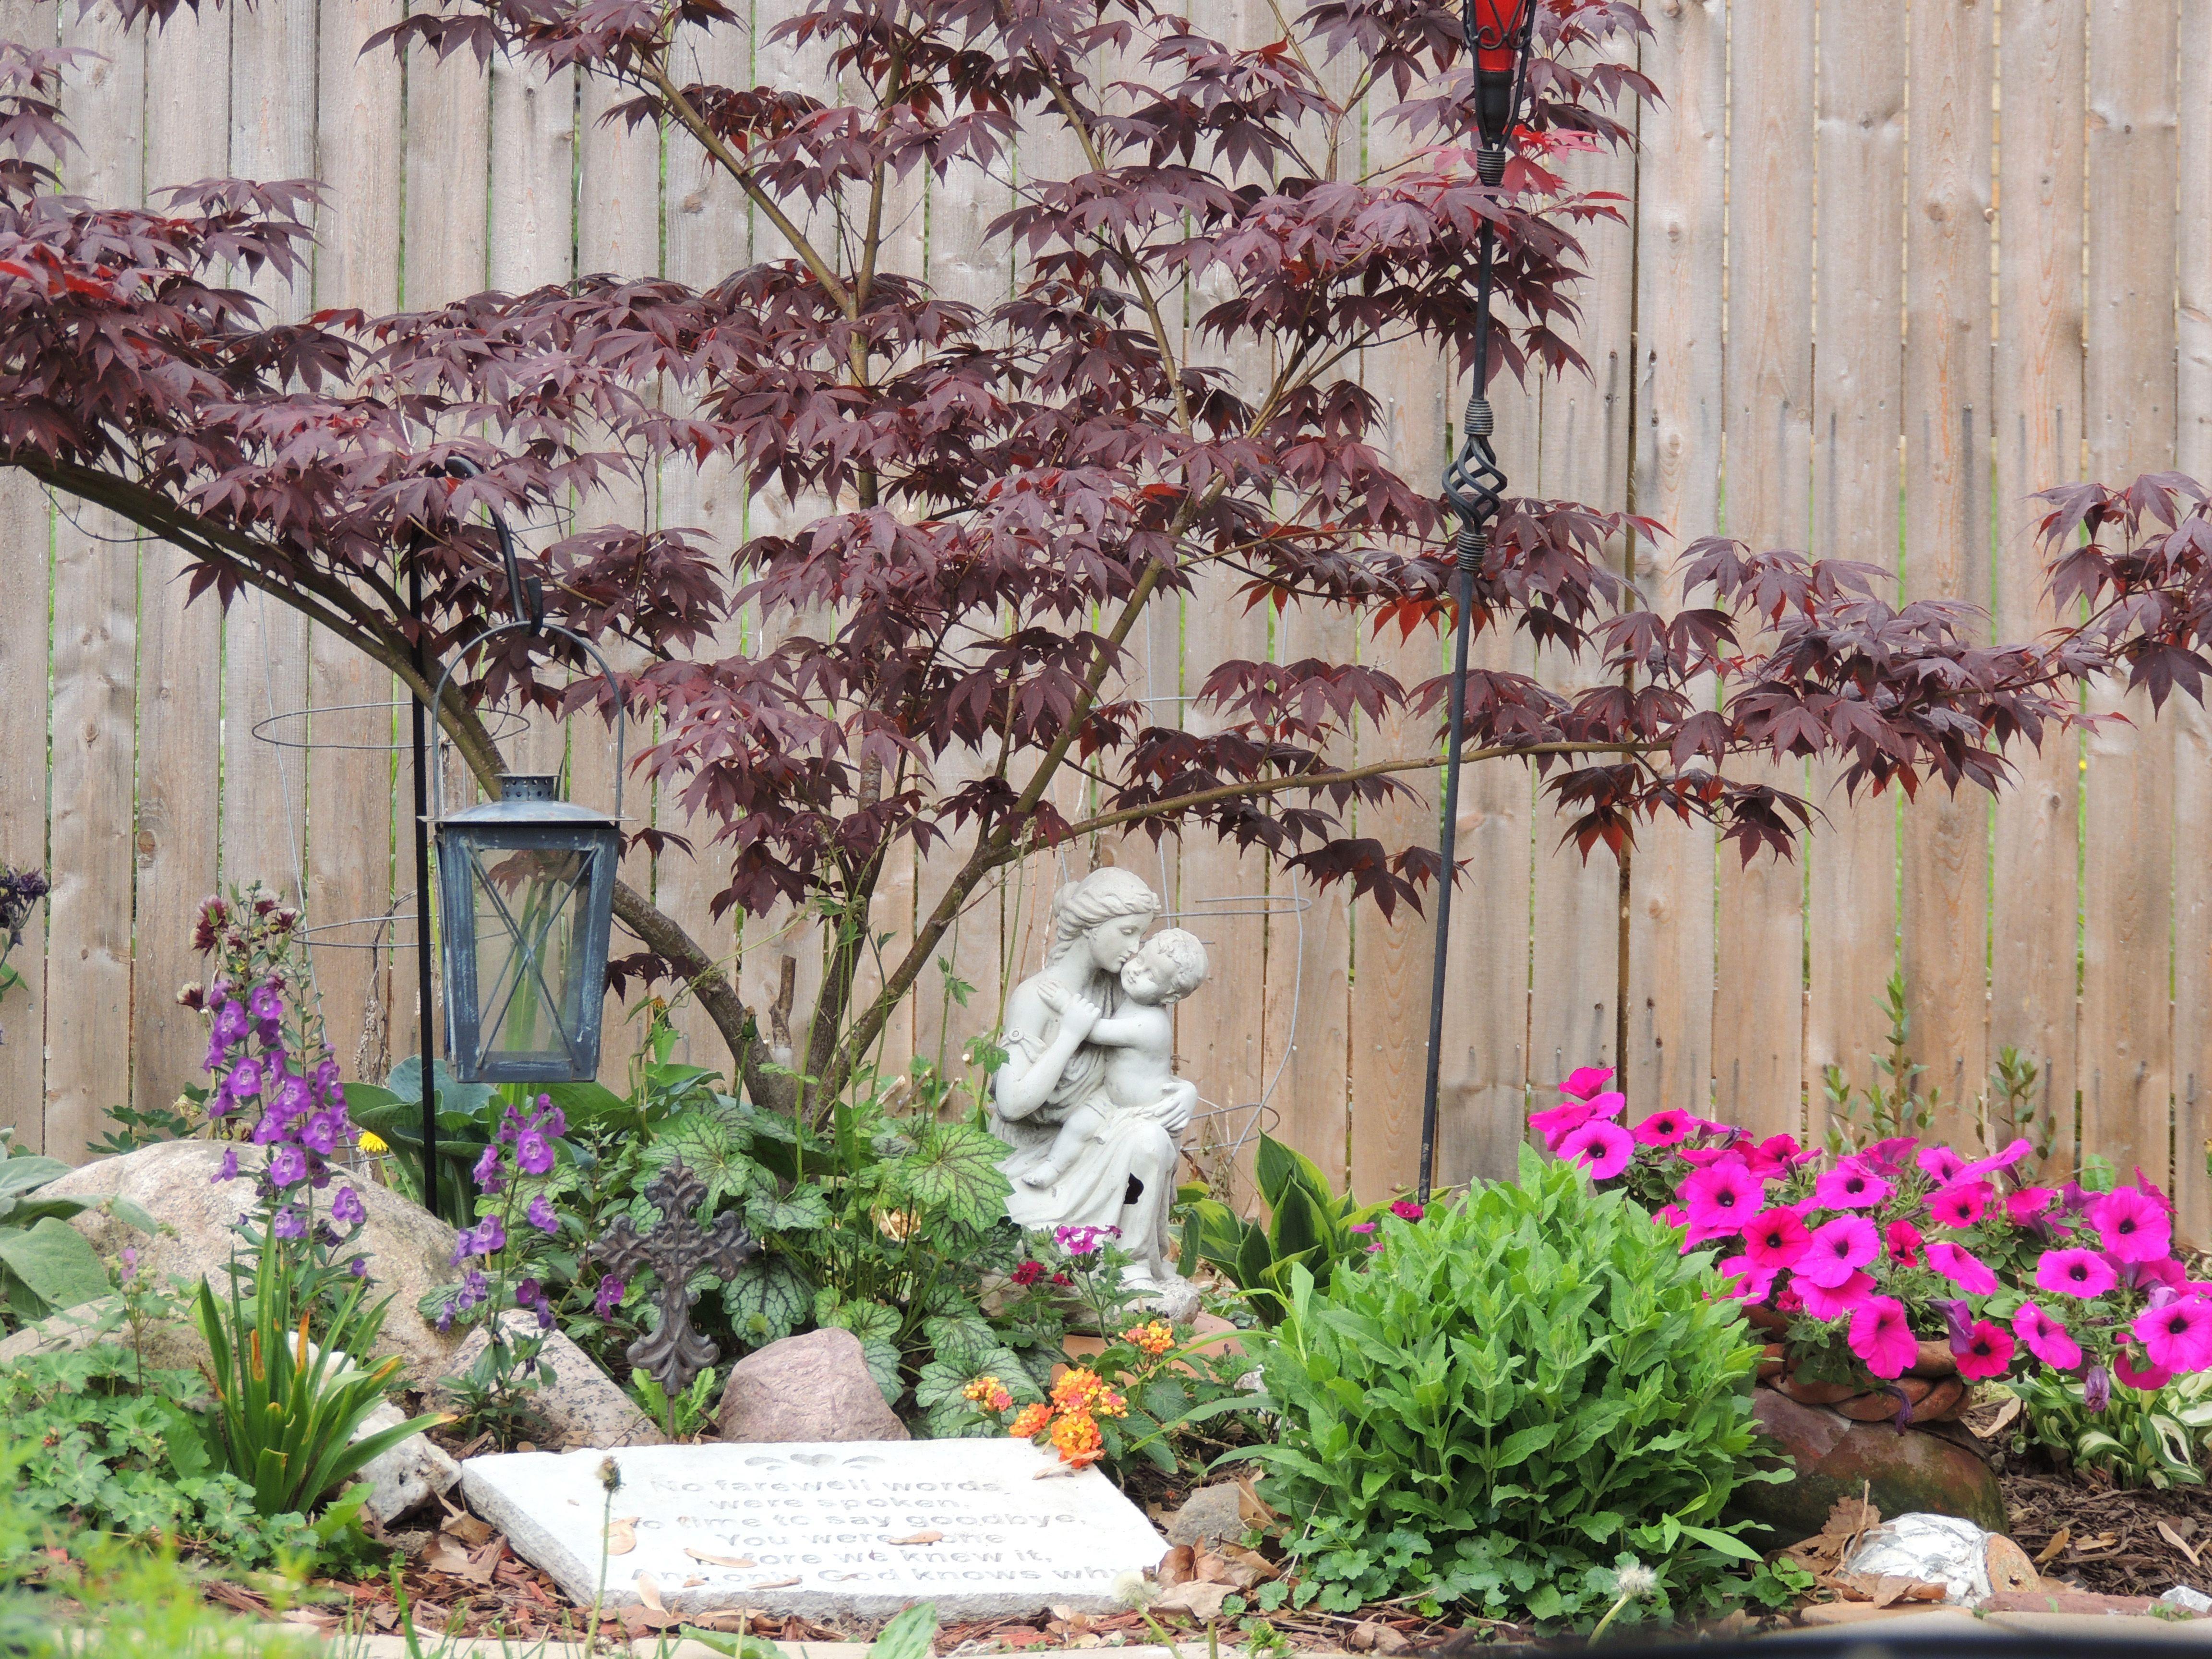 My Son S Memorial Garden Memorial Garden Flower Garden Plans Small Memorial Garden Ideas Backyard diy memorial garden